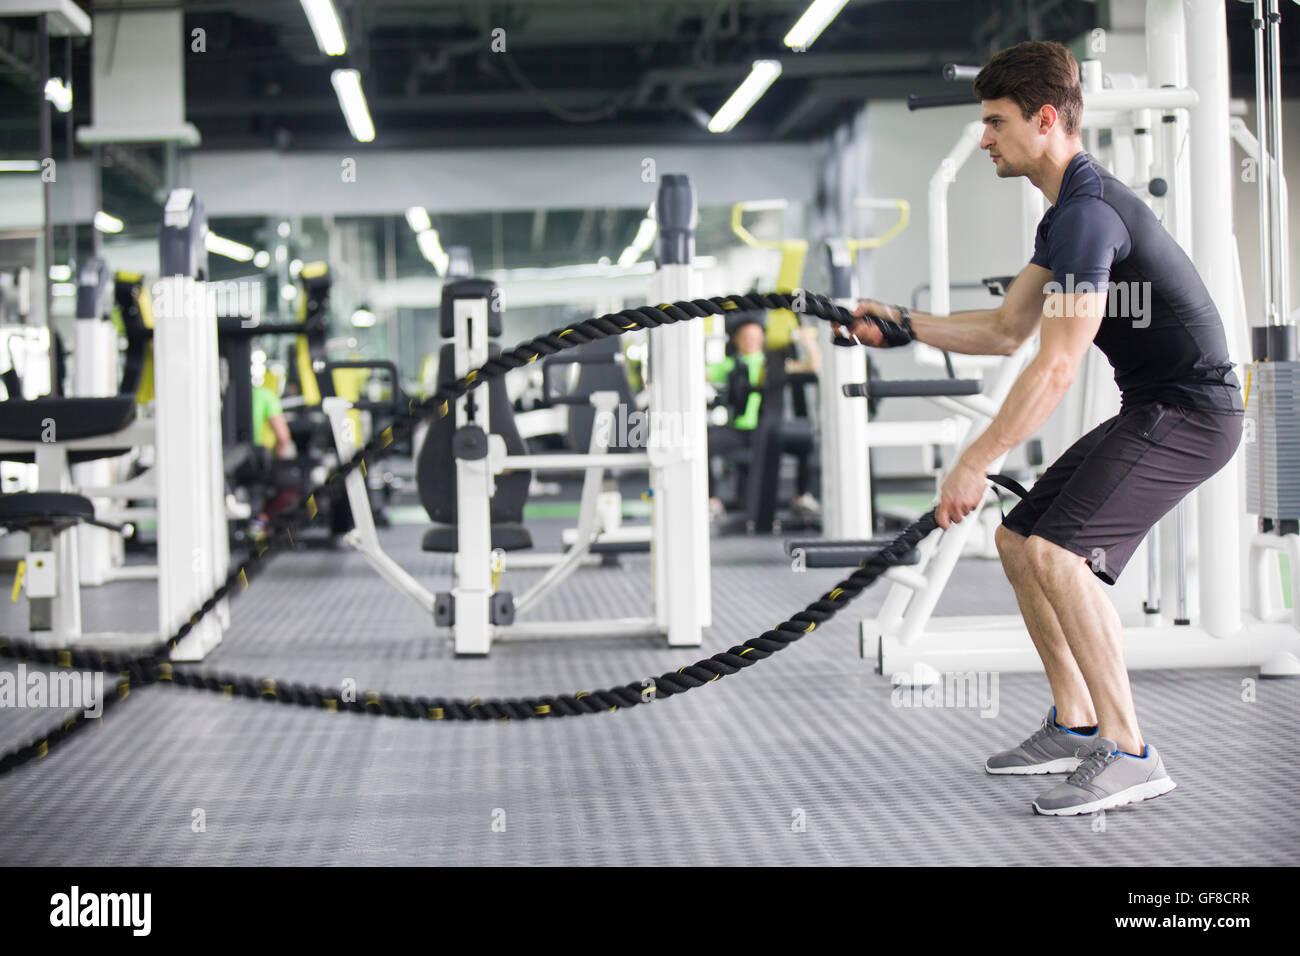 Giovane uomo esercitando con combattendo la corda in palestra Immagini Stock